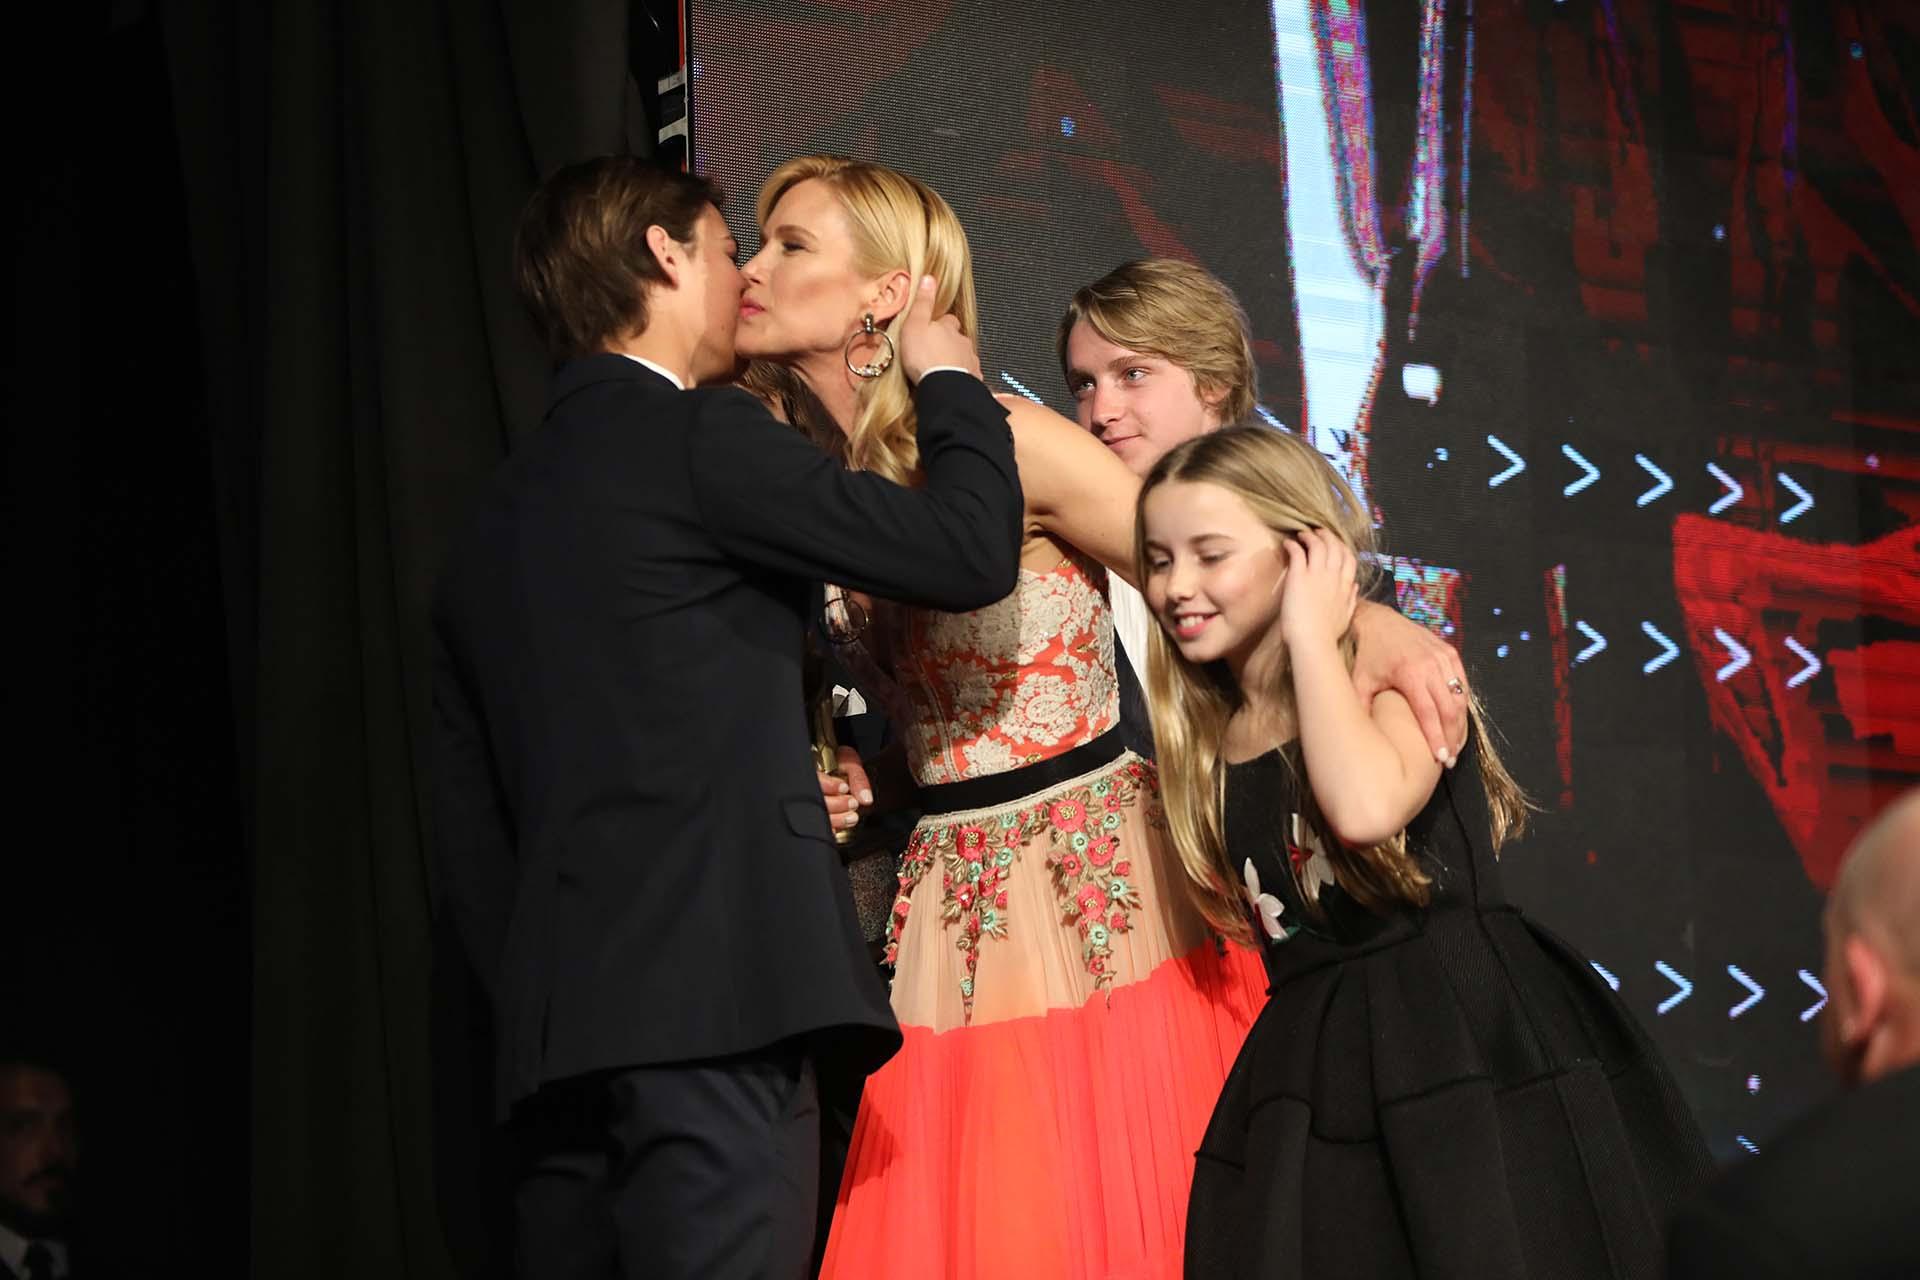 Los besos para mamá. Orgullosos, los hijos de Valeria y Alejandro Gravier la acompañaron en el escenario